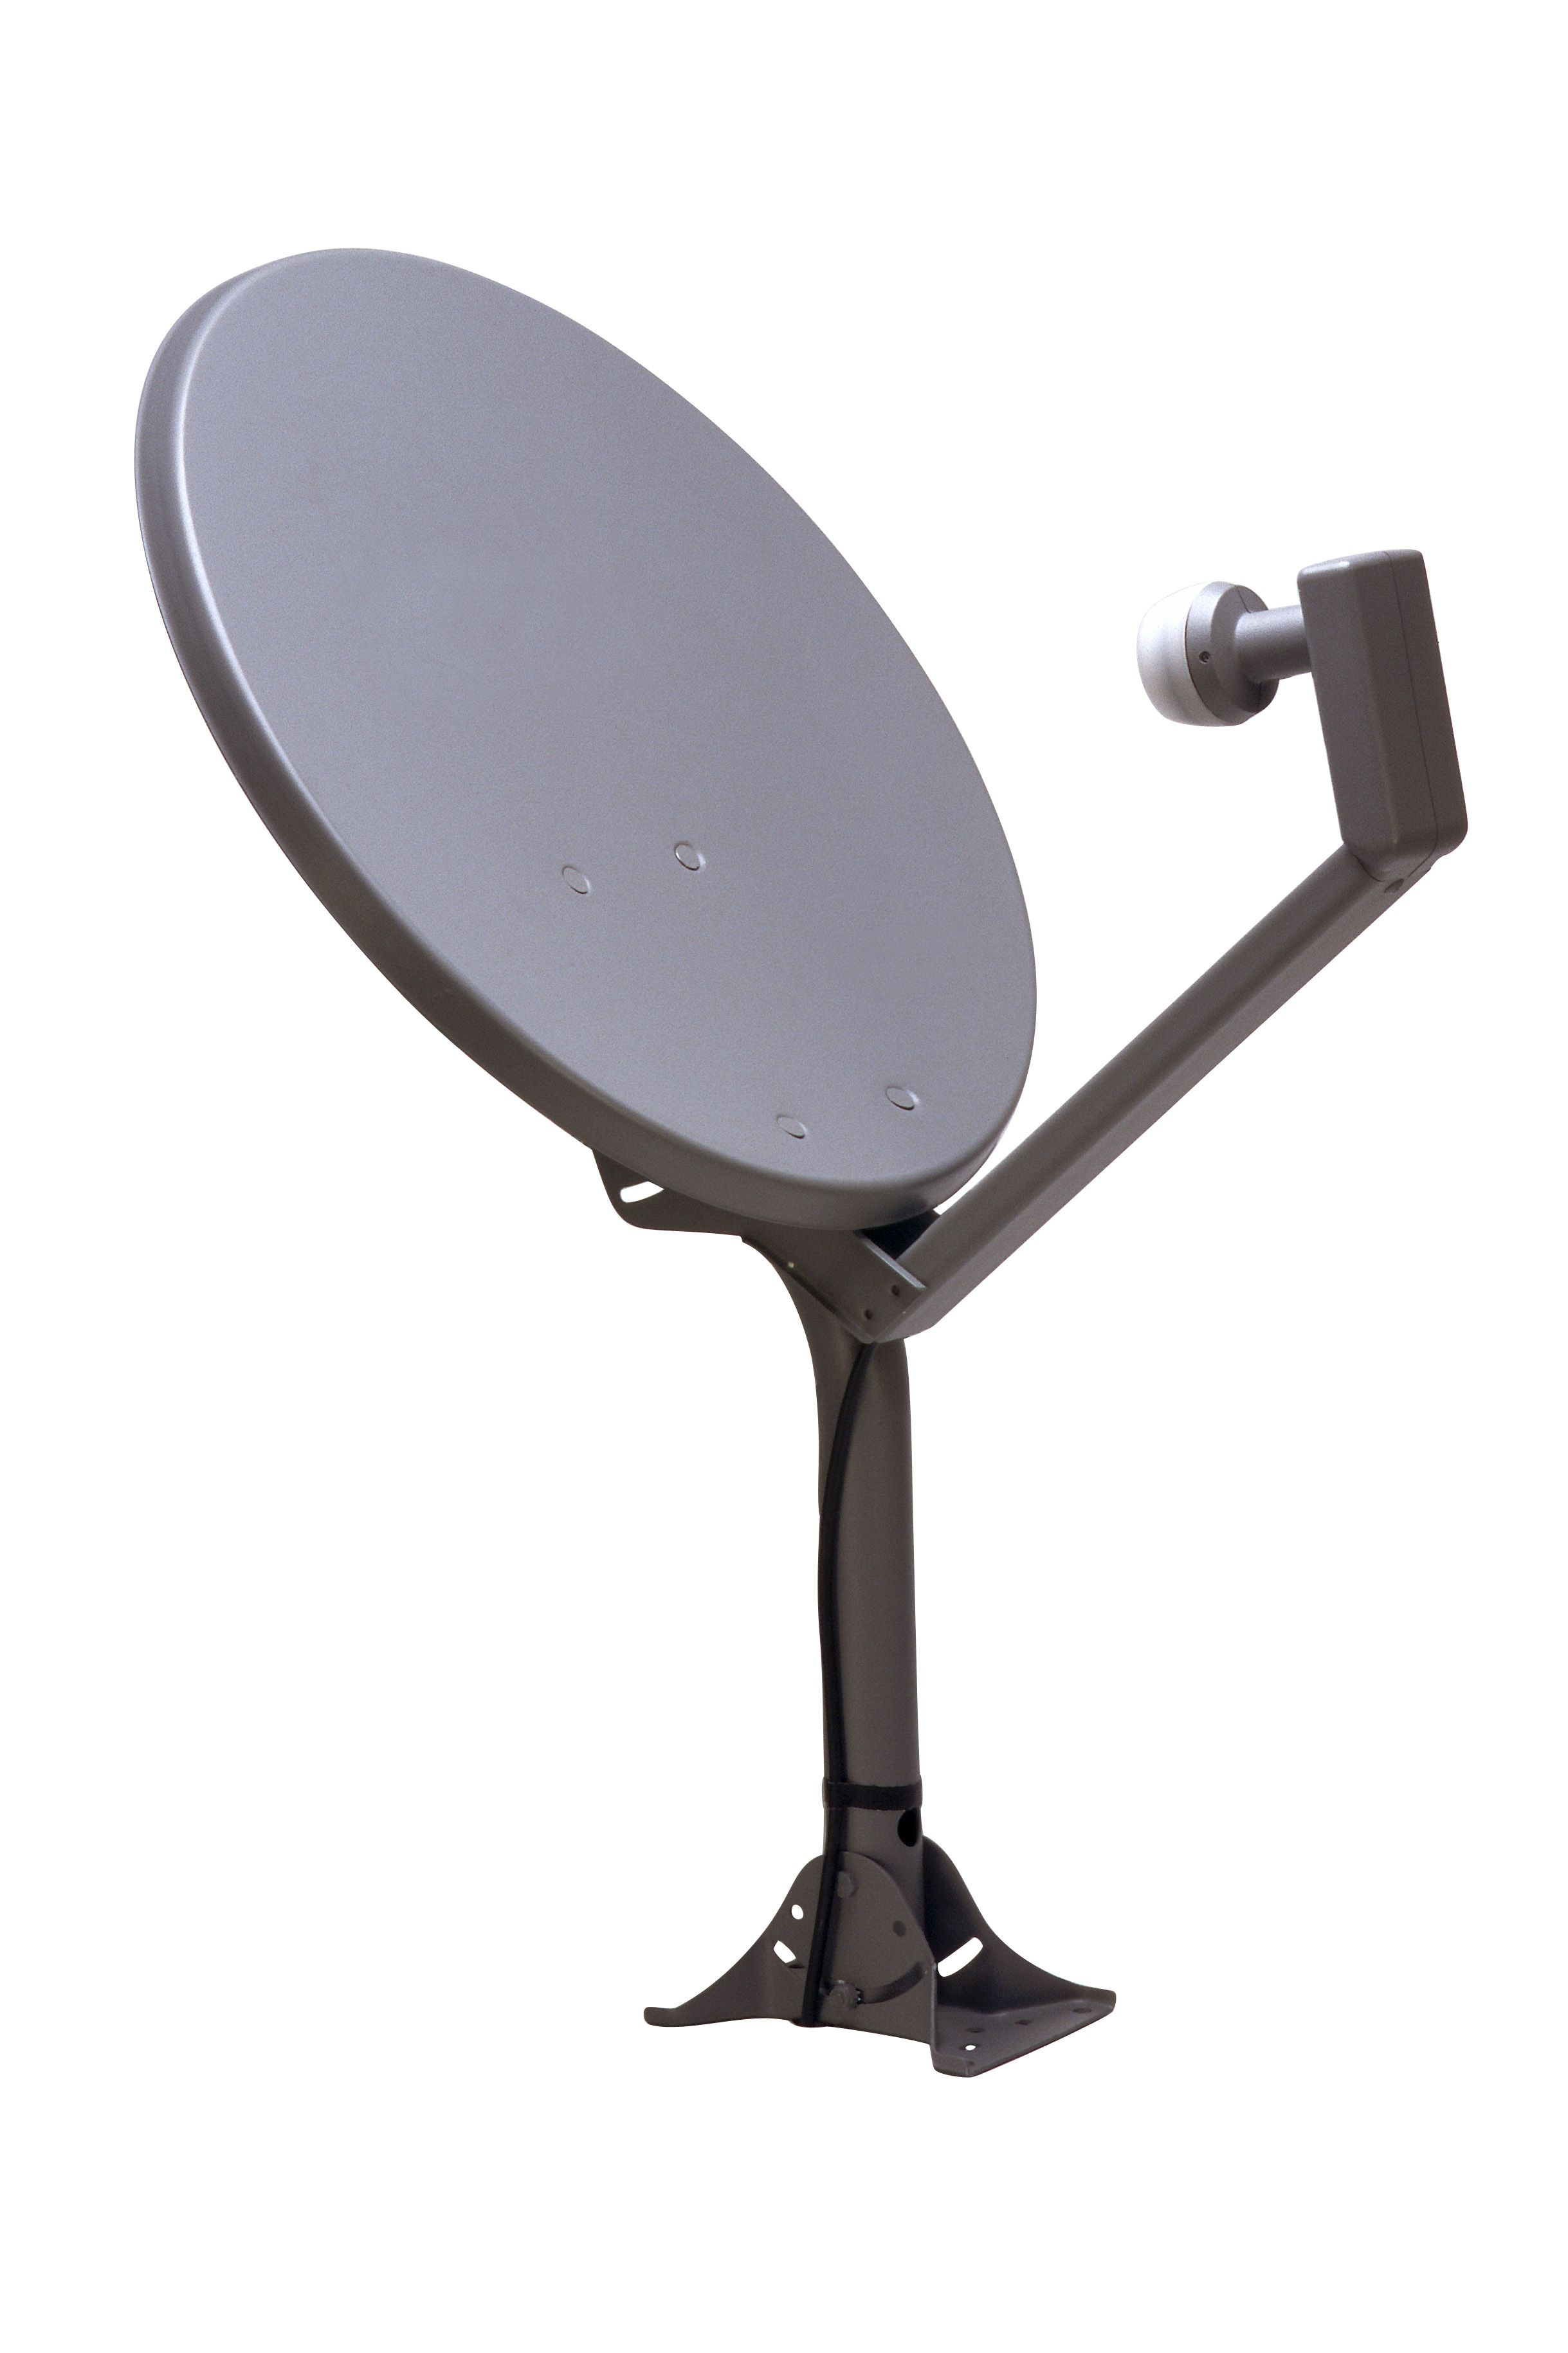 Cómo Conectar Una Antena Parabólica Para Tres Televisores En 4 Pasos Techlandia Antenas Para Tv Antena Parabólica Electricidad Y Electronica